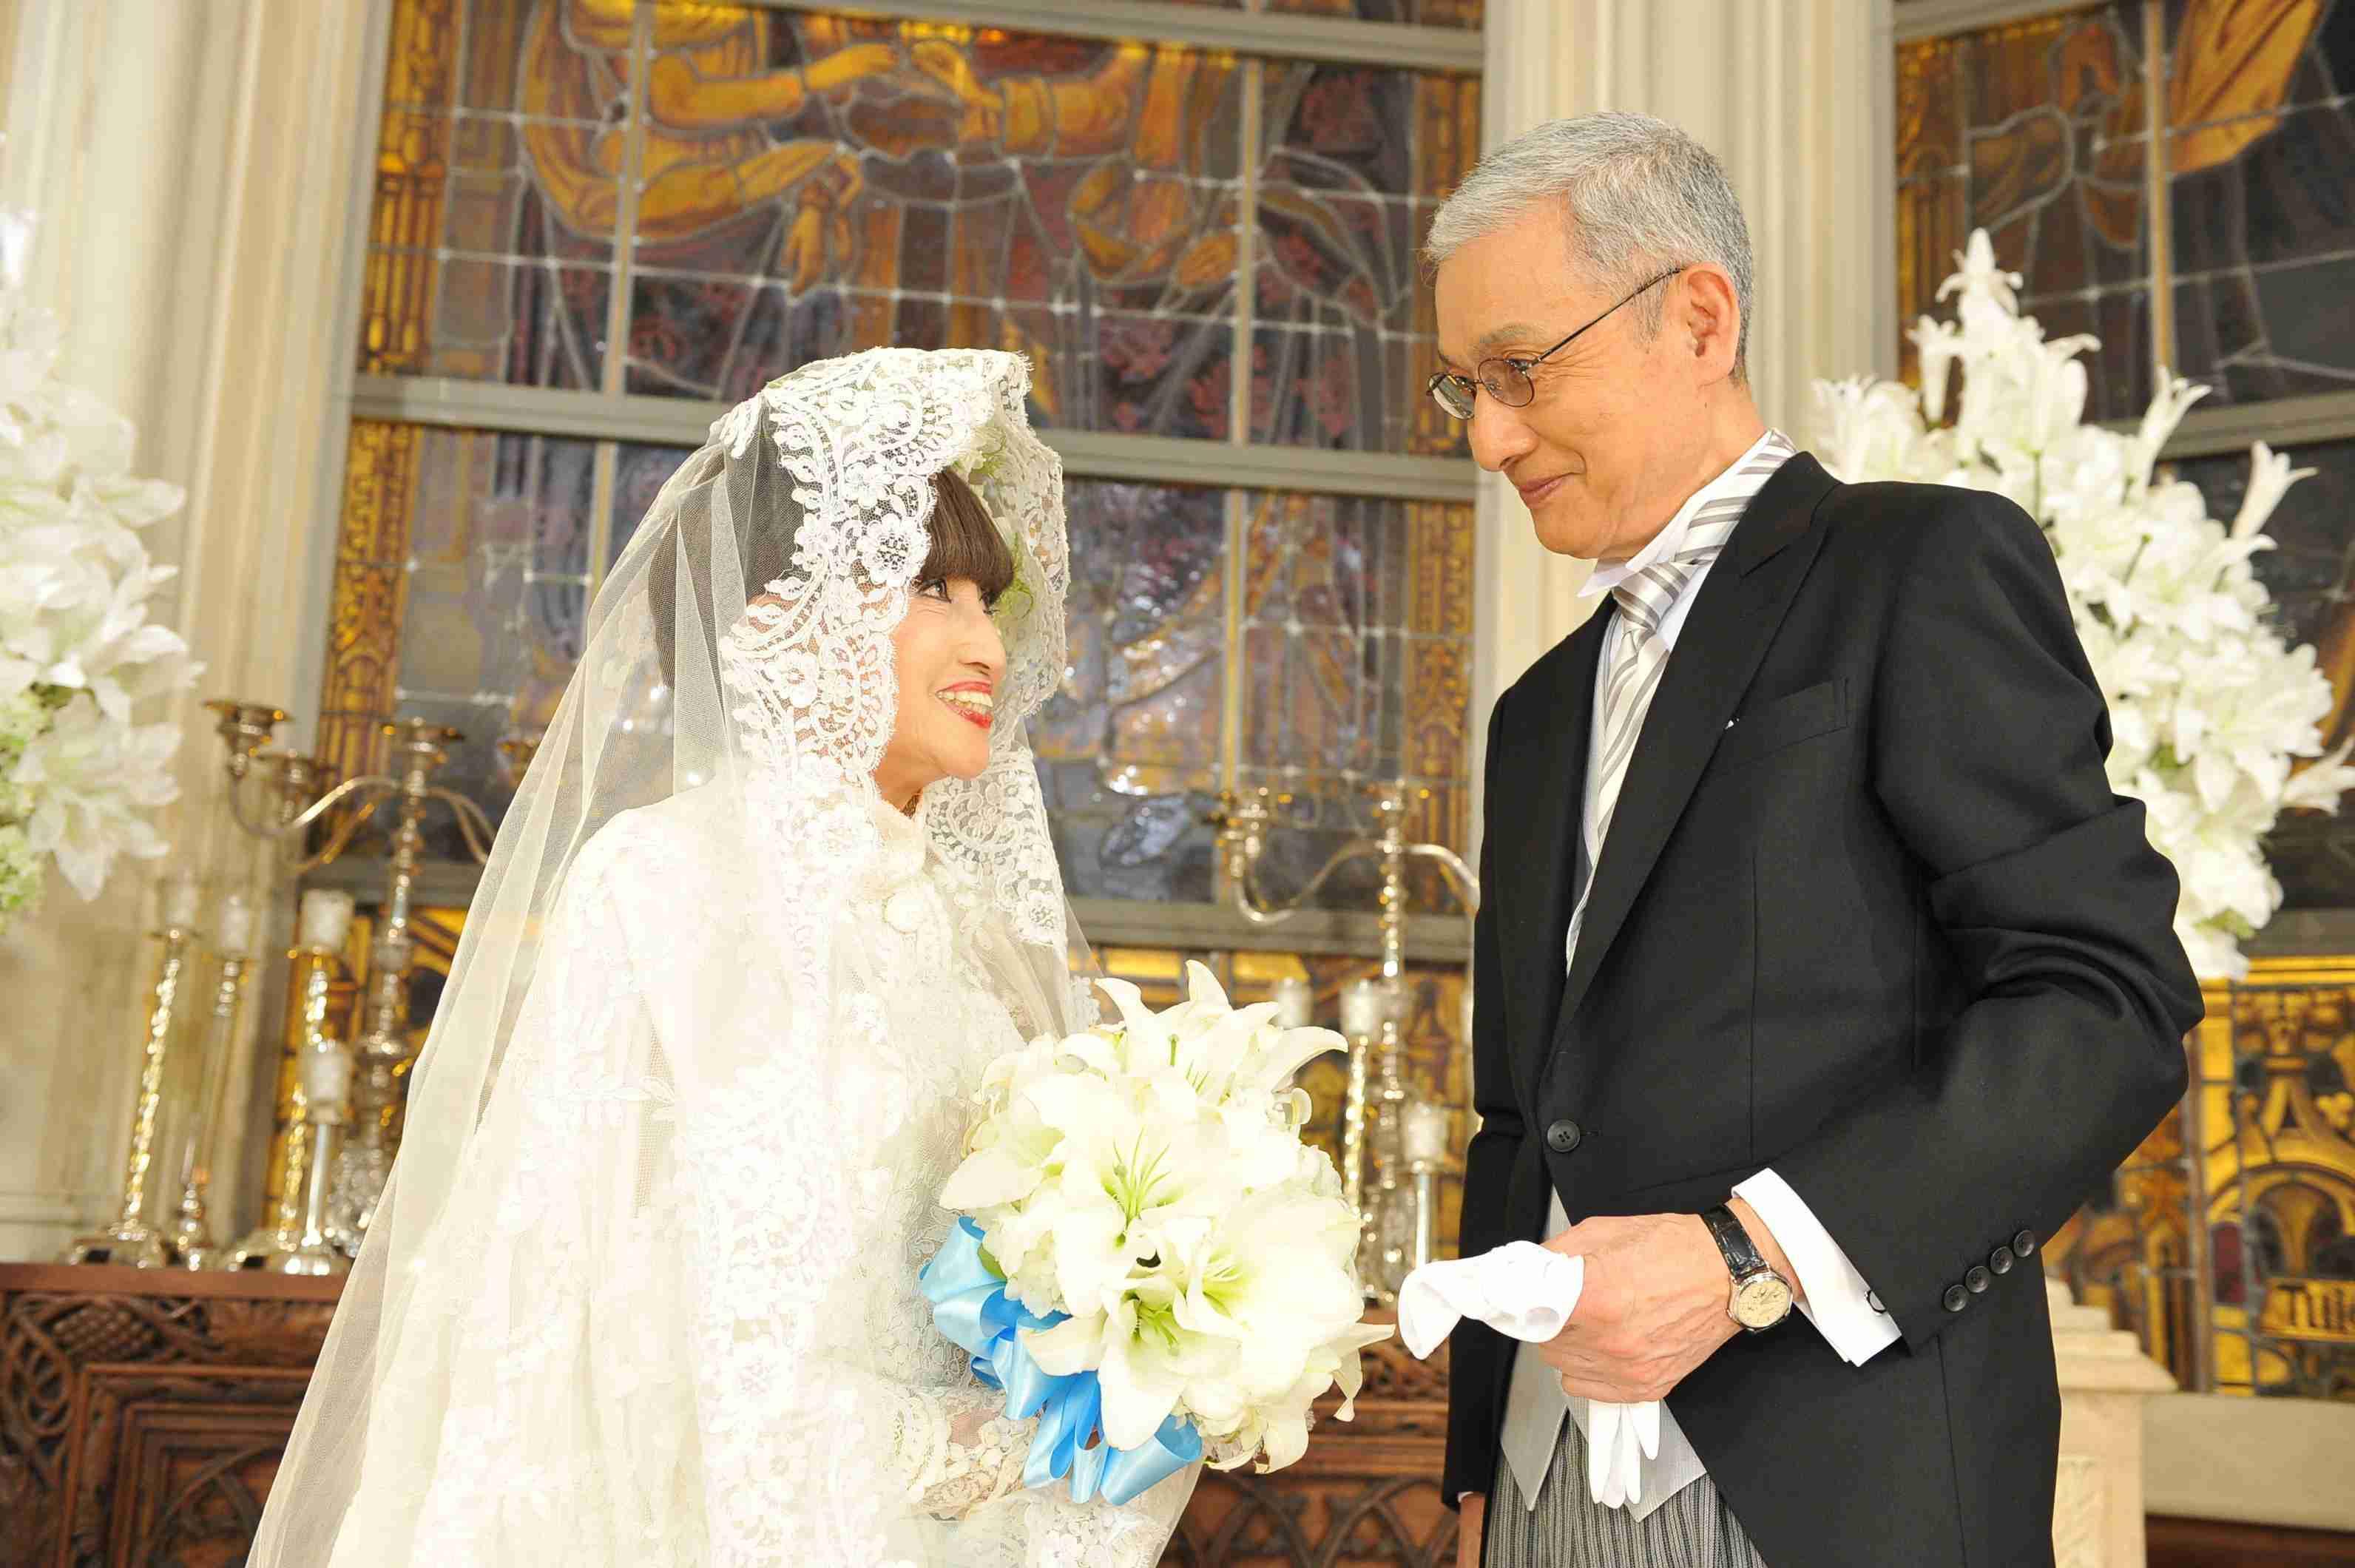 黒柳徹子、来年7月に結婚? 手相占いで診断「楽しみ」